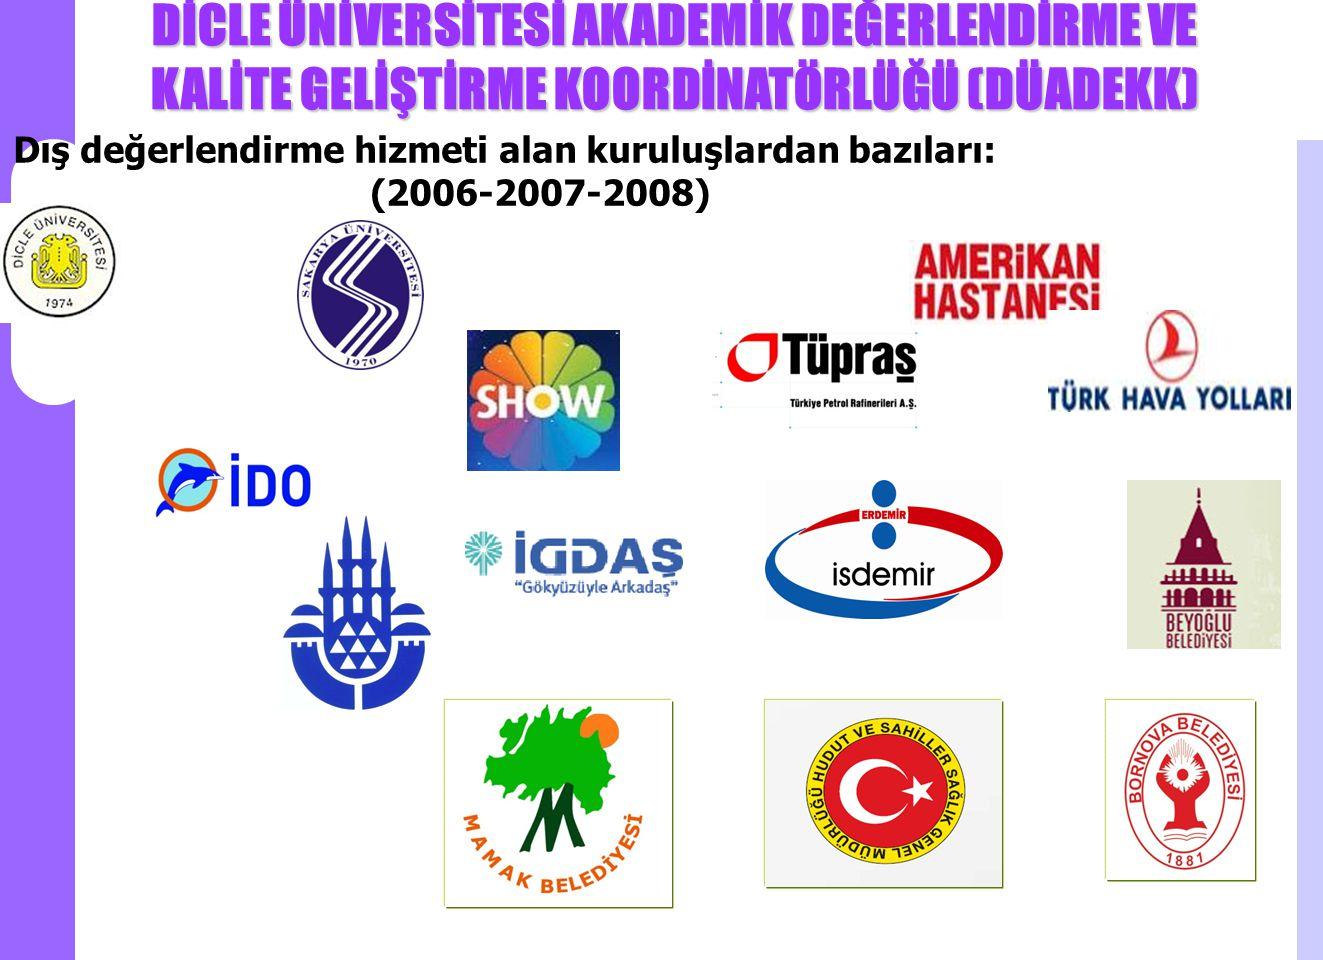 DİCLE ÜNİVERSİTESİ AKADEMİK DEĞERLENDİRME VE KALİTE GELİŞTİRME KOORDİNATÖRLÜĞÜ (DÜADEKK) Dış değerlendirme hizmeti alan kuruluşlardan bazıları: (2006-